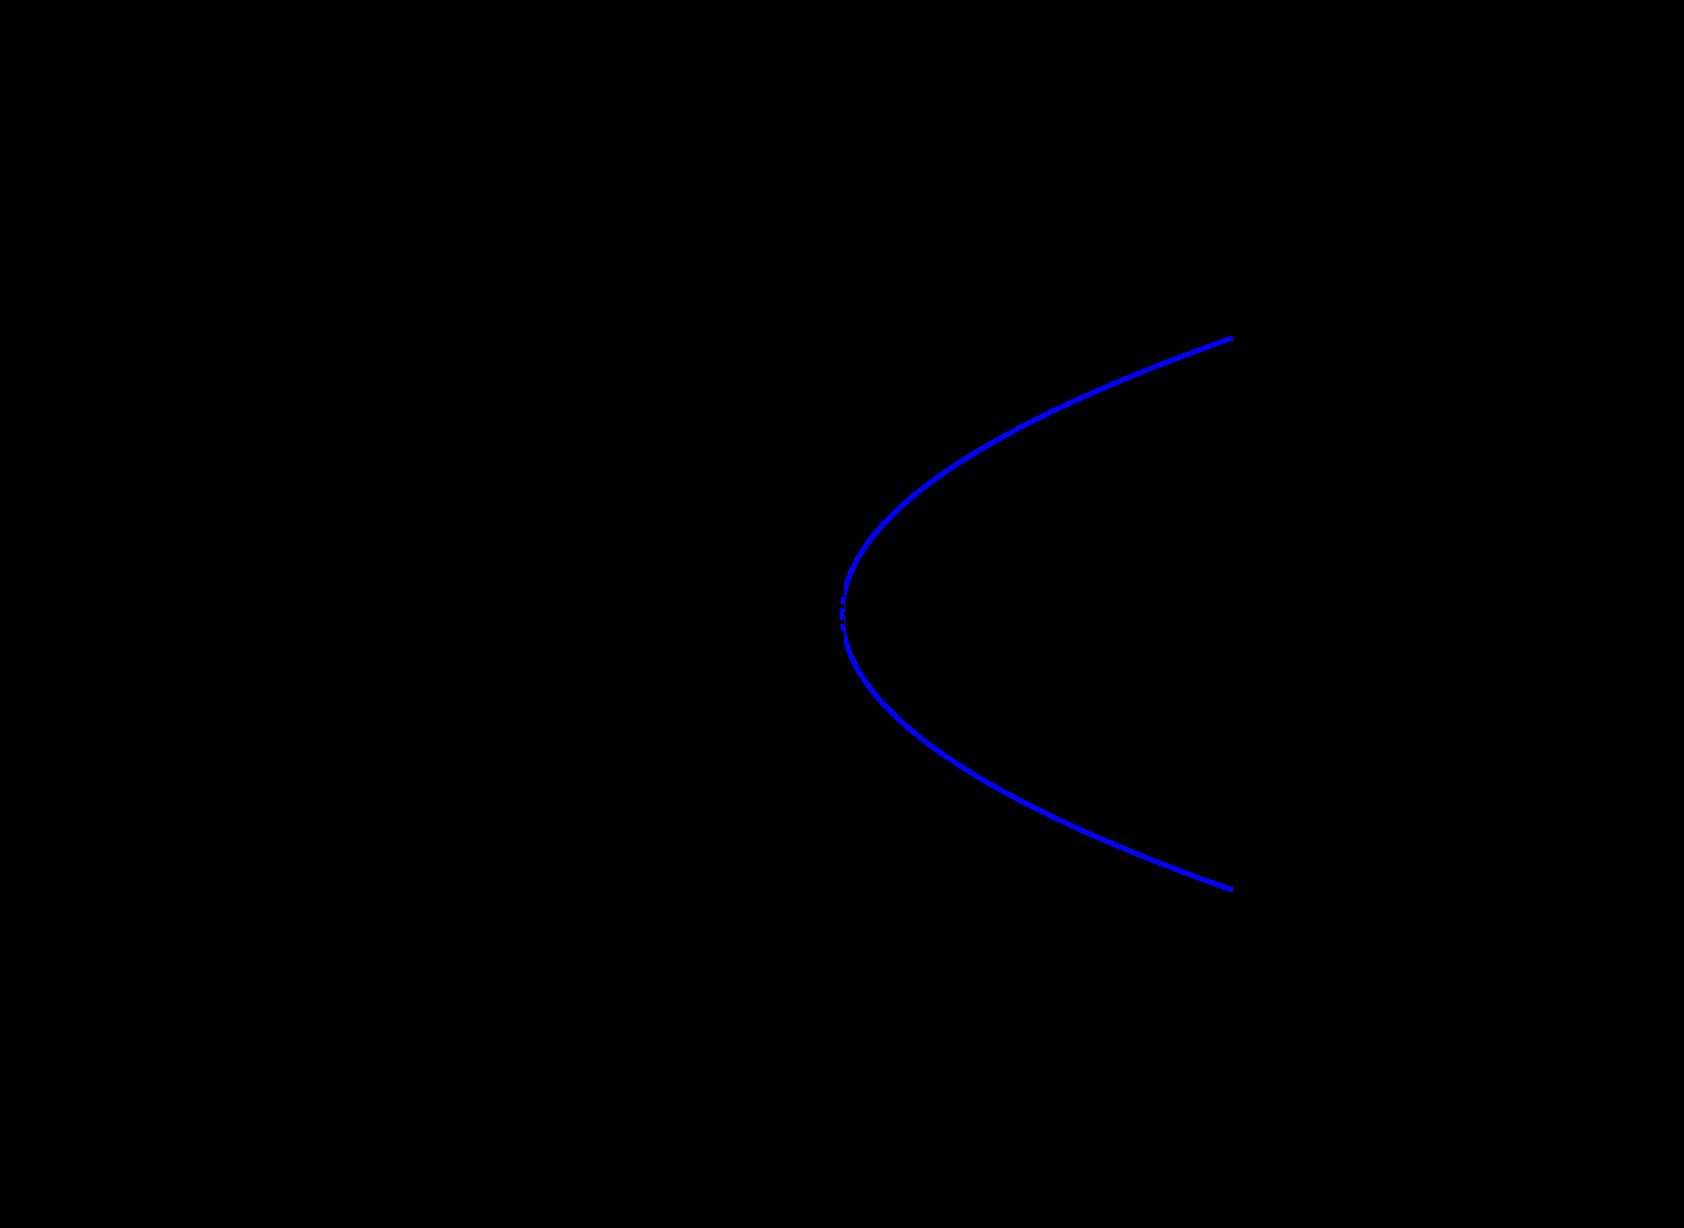 Quadric Surfaces Ximera